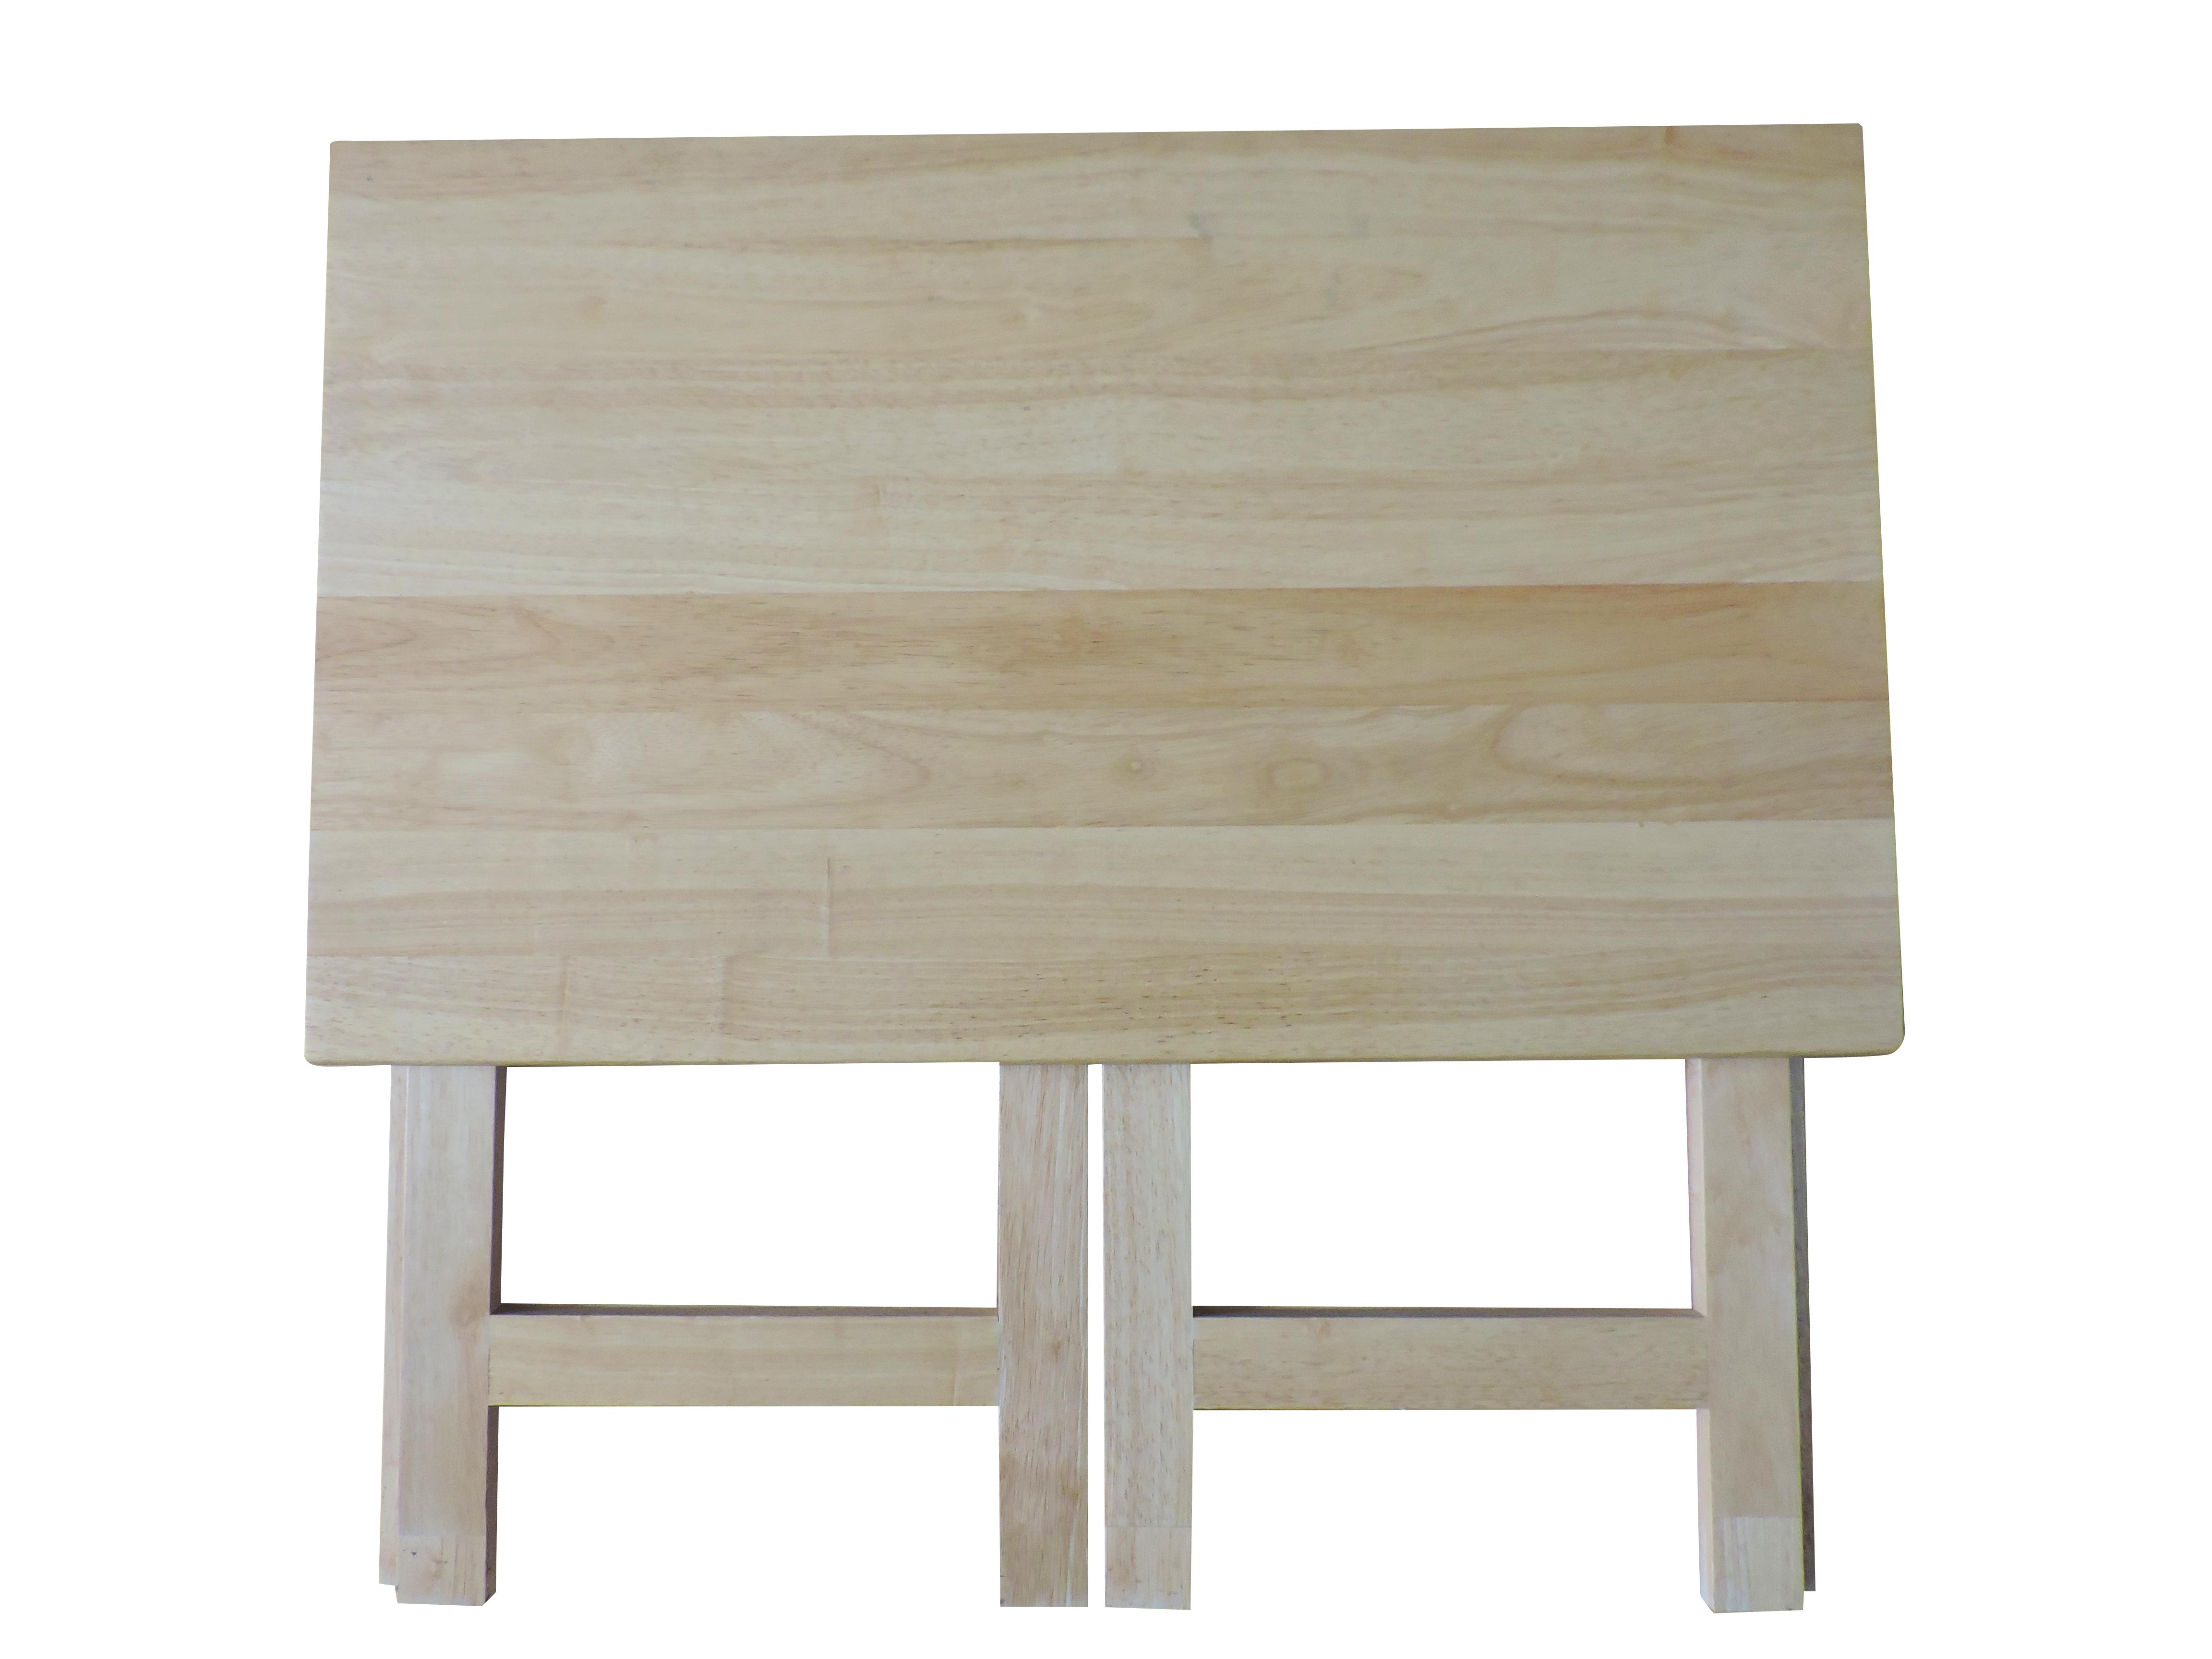 Bộ bàn ghế xếp gấp gỗ xuất khẩu